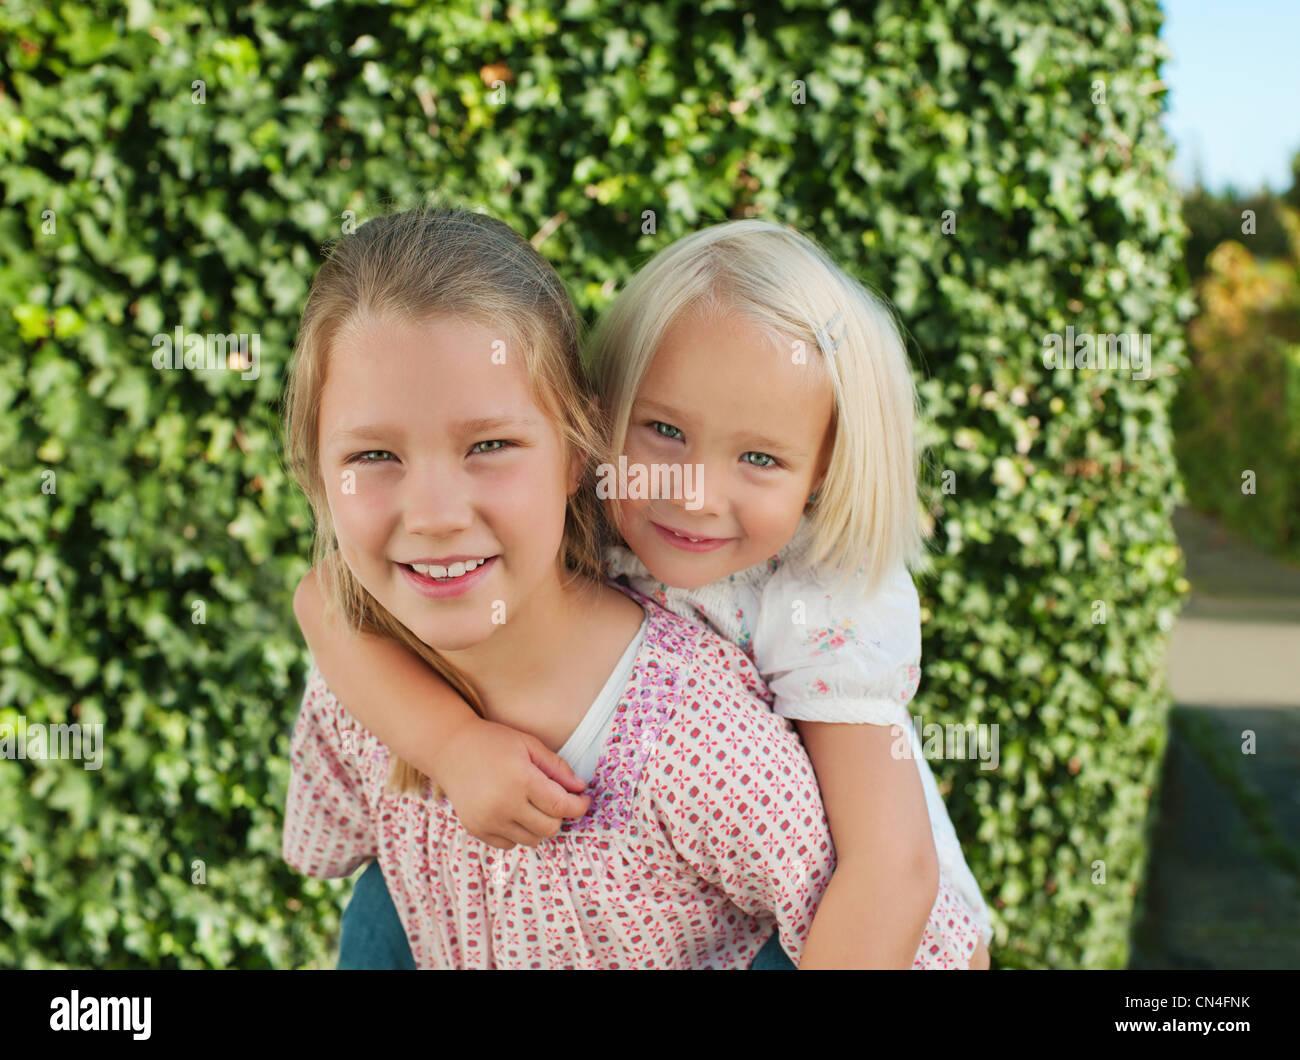 Ragazza portati dalla sorella sul retro, sorridente, ritratto Immagini Stock